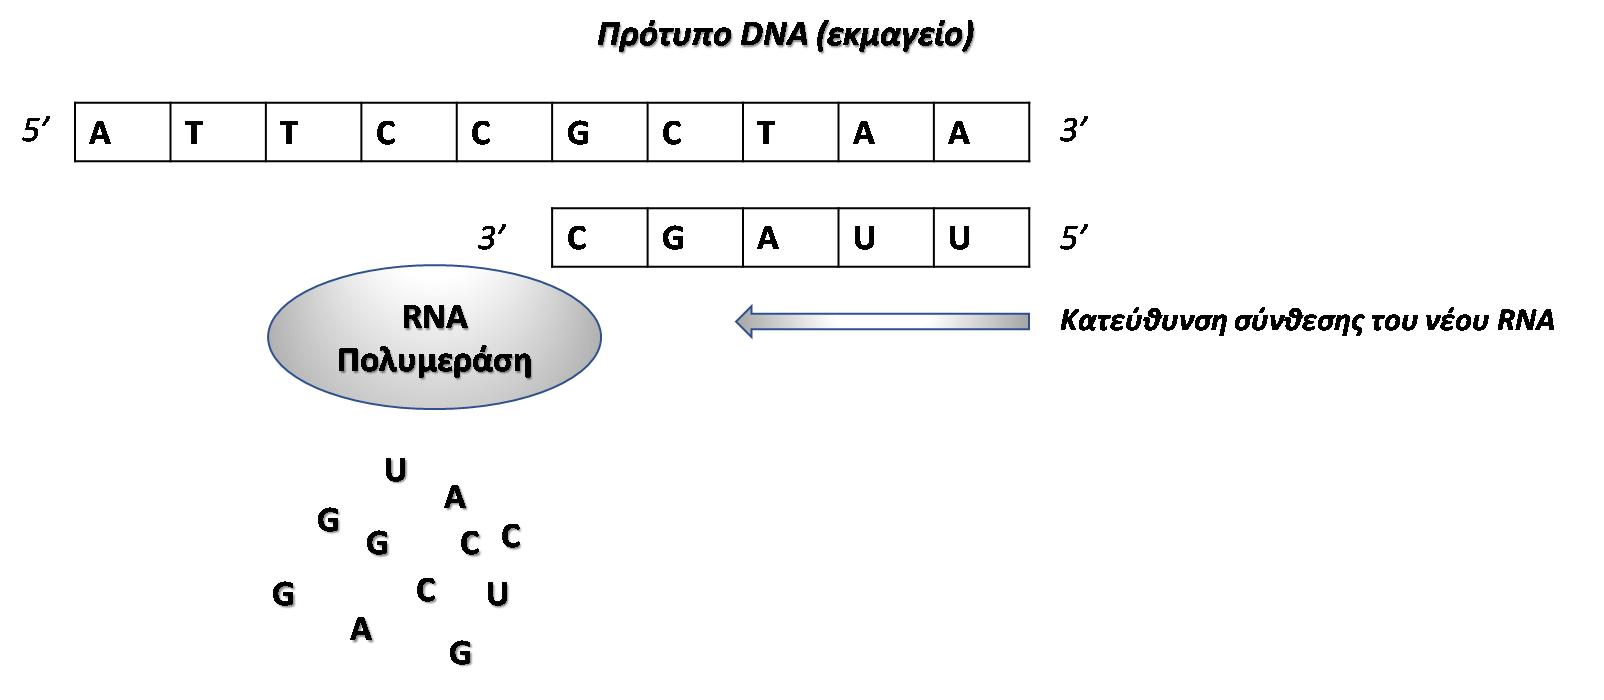 Εικόνα 3. Σχηματική αναπαράσταση της μεταγραφής του DNA σε RNA